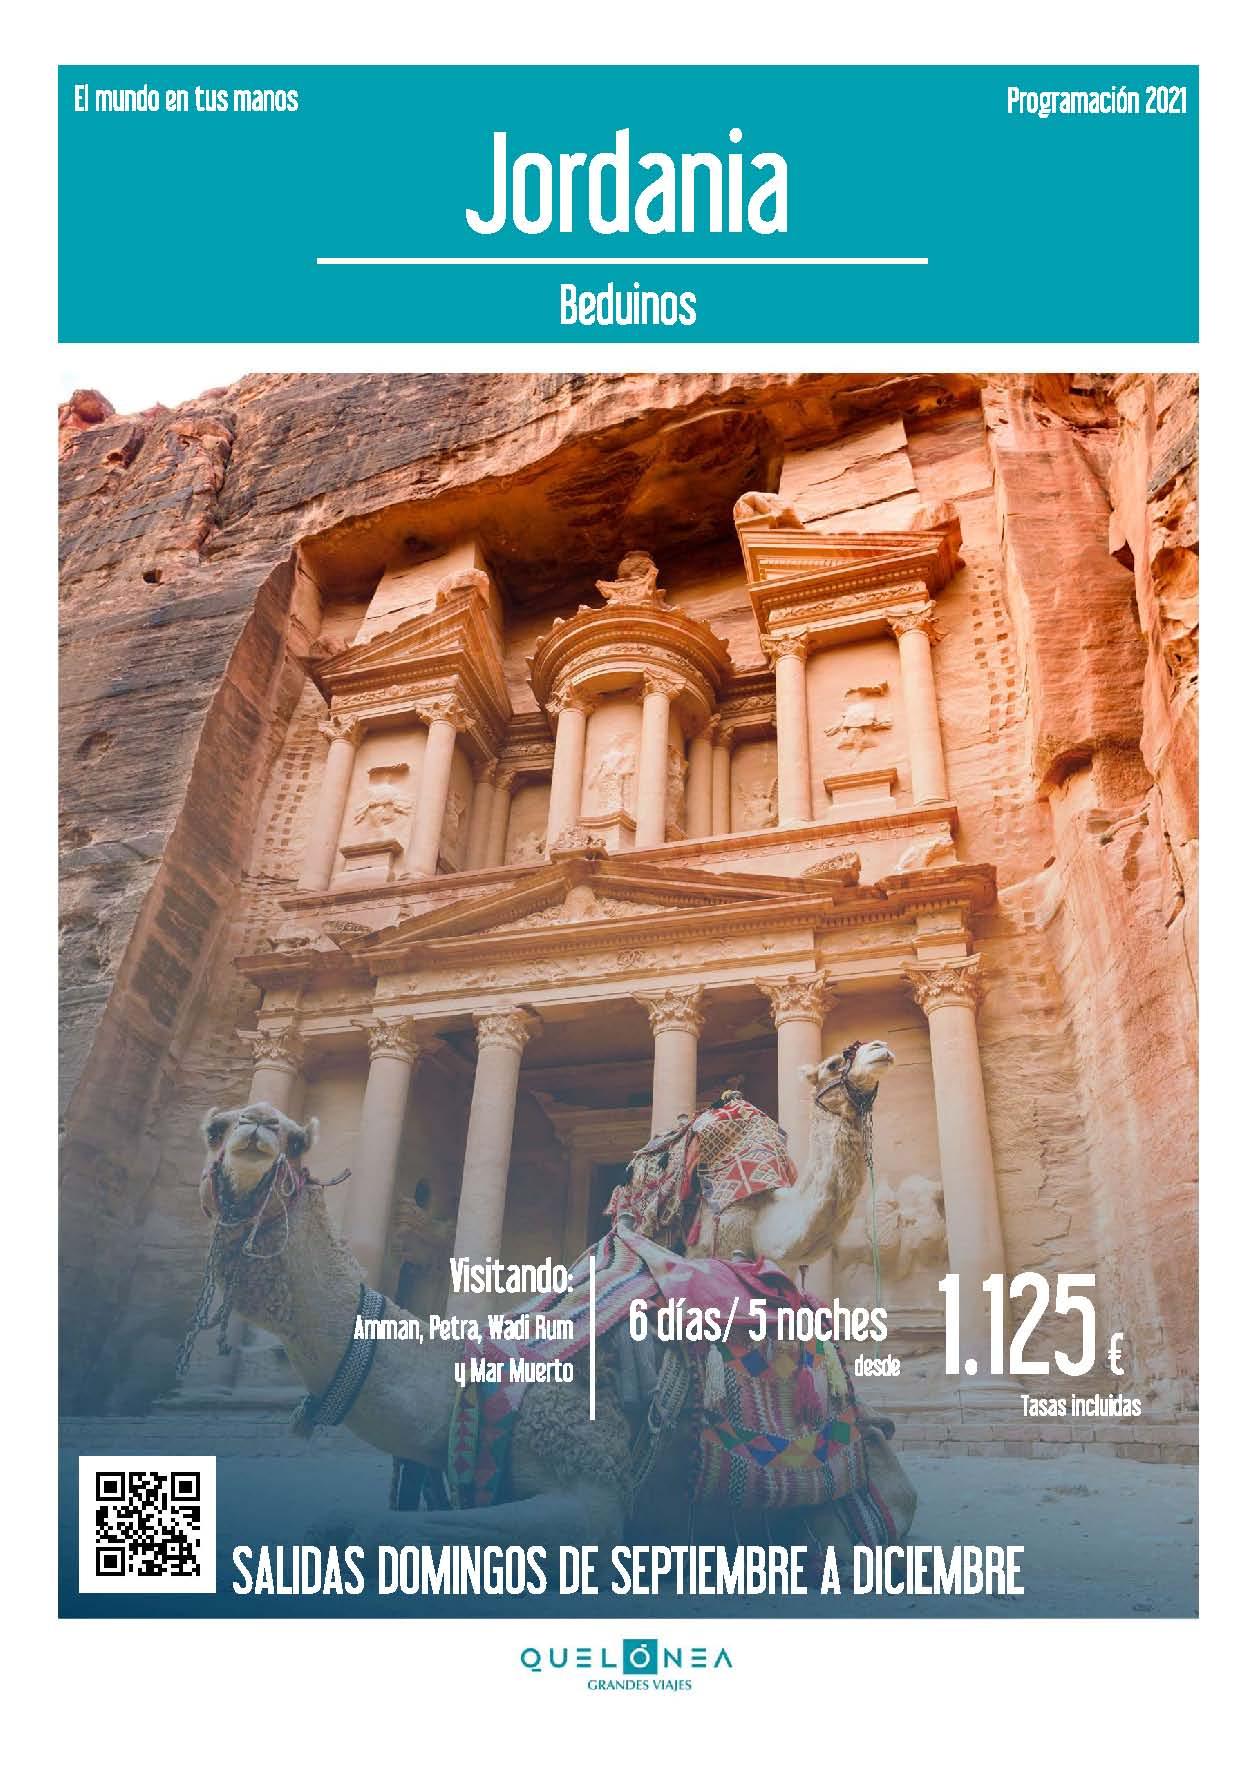 Ofertas Quelonea Jordania Beduinos Septiembre a Diciembre 2021